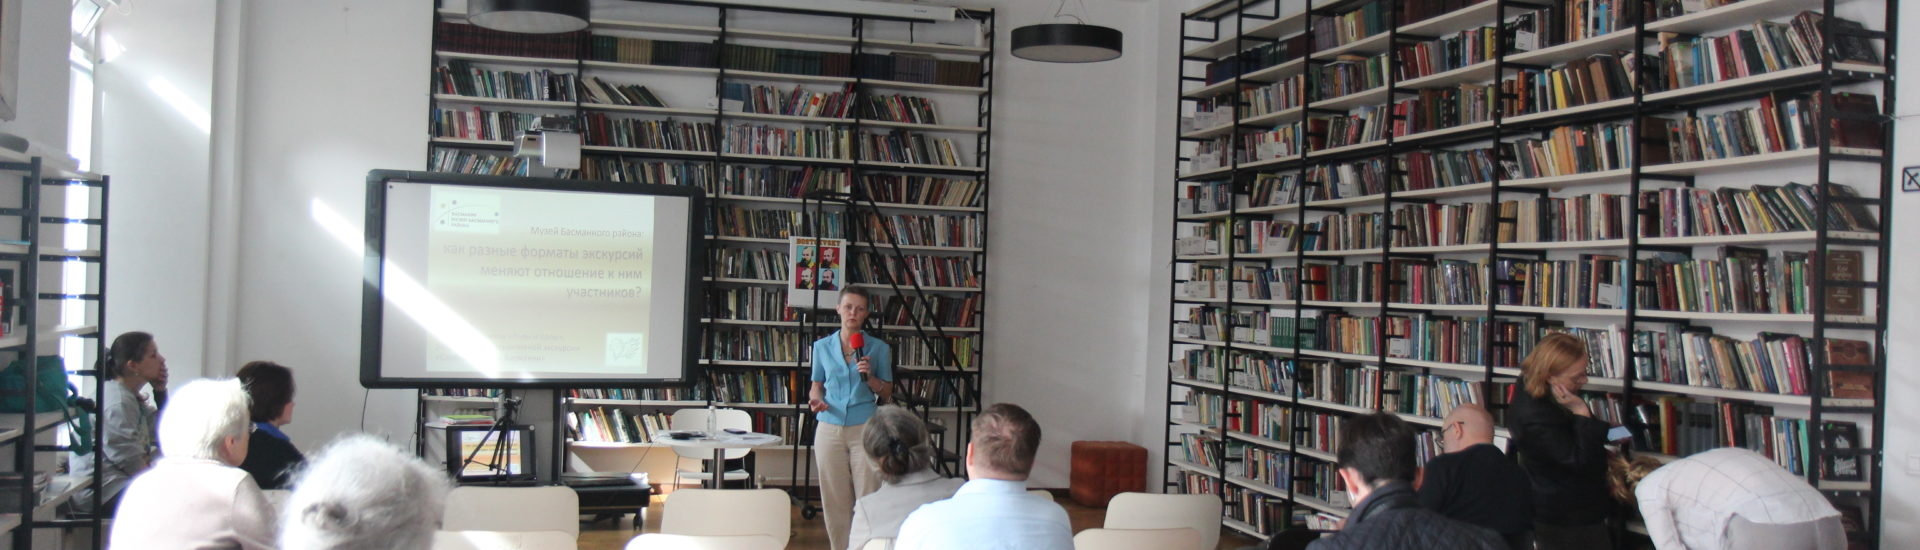 Форматы экскурсий и вовлечённость целевых аудиторий в изучение исторического наследия Басманного района